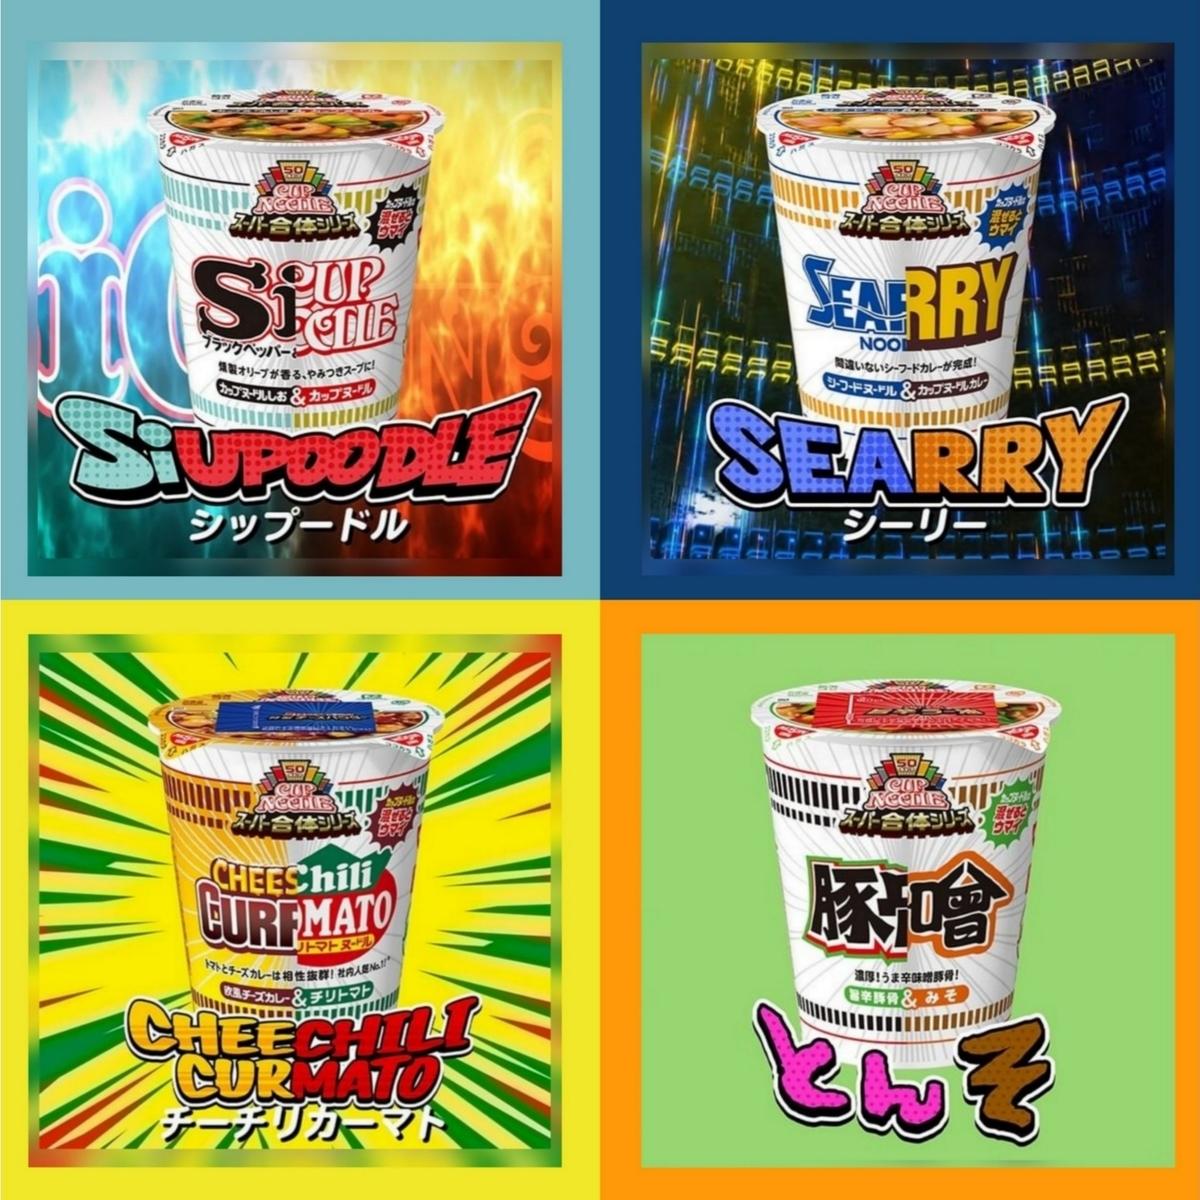 カップヌードル合体シリーズ 4品 食べ比べ 値段 どこで売ってる コンビニ 日清50周年